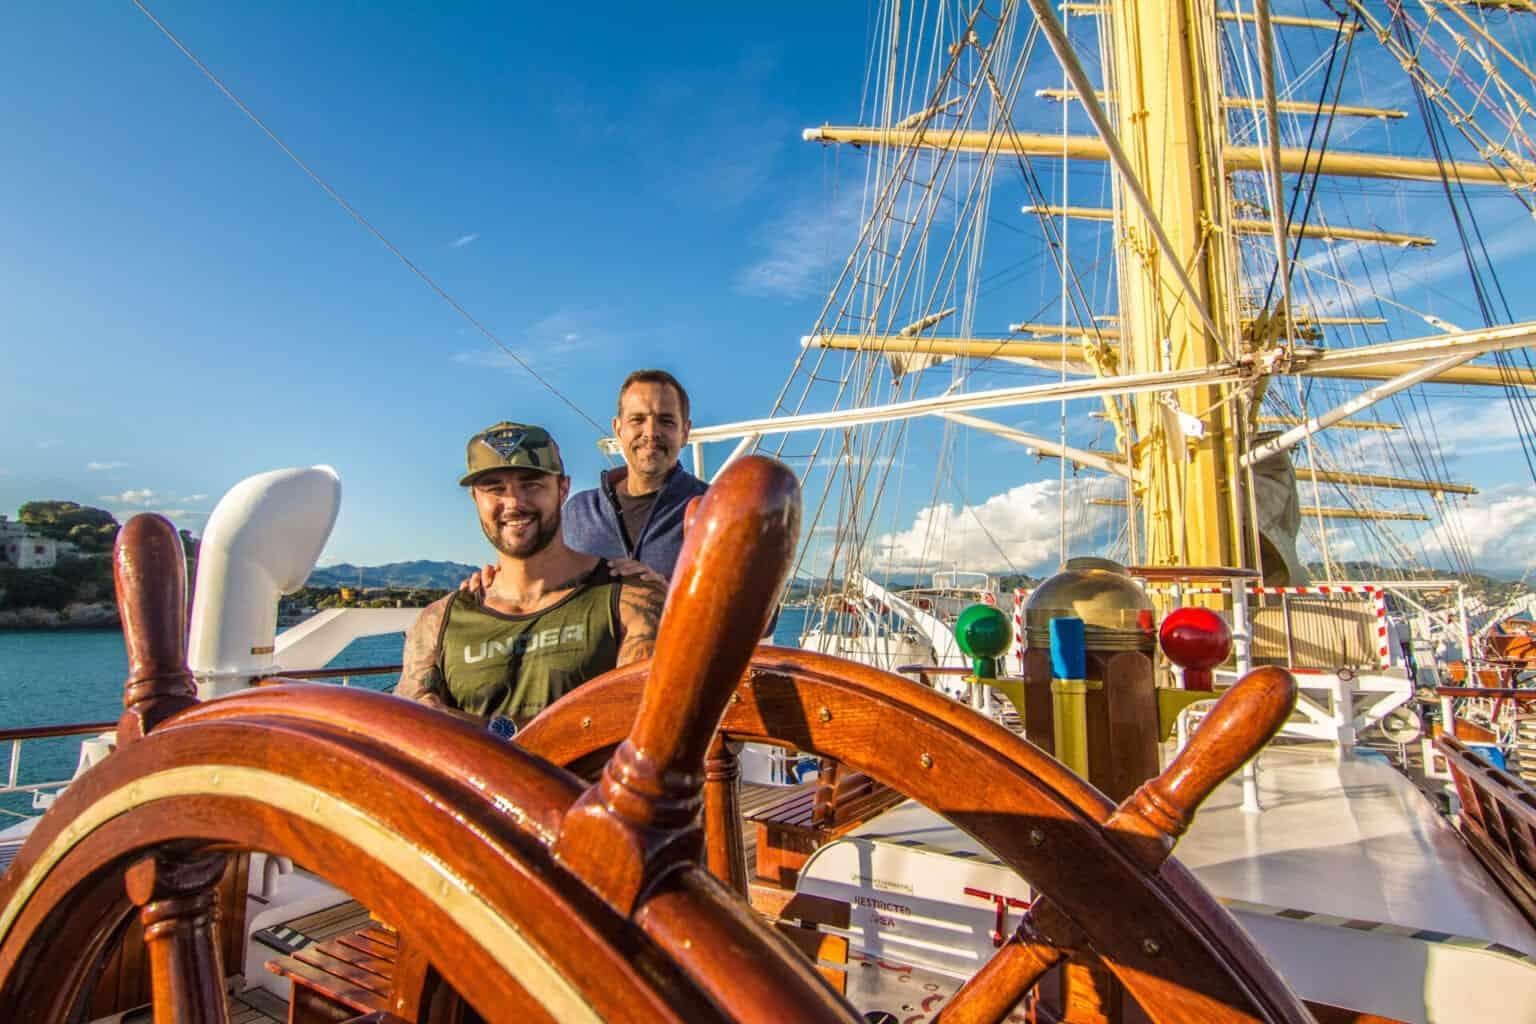 Viaje en grupo gay: navegando por Italia y la costa de Amalfi